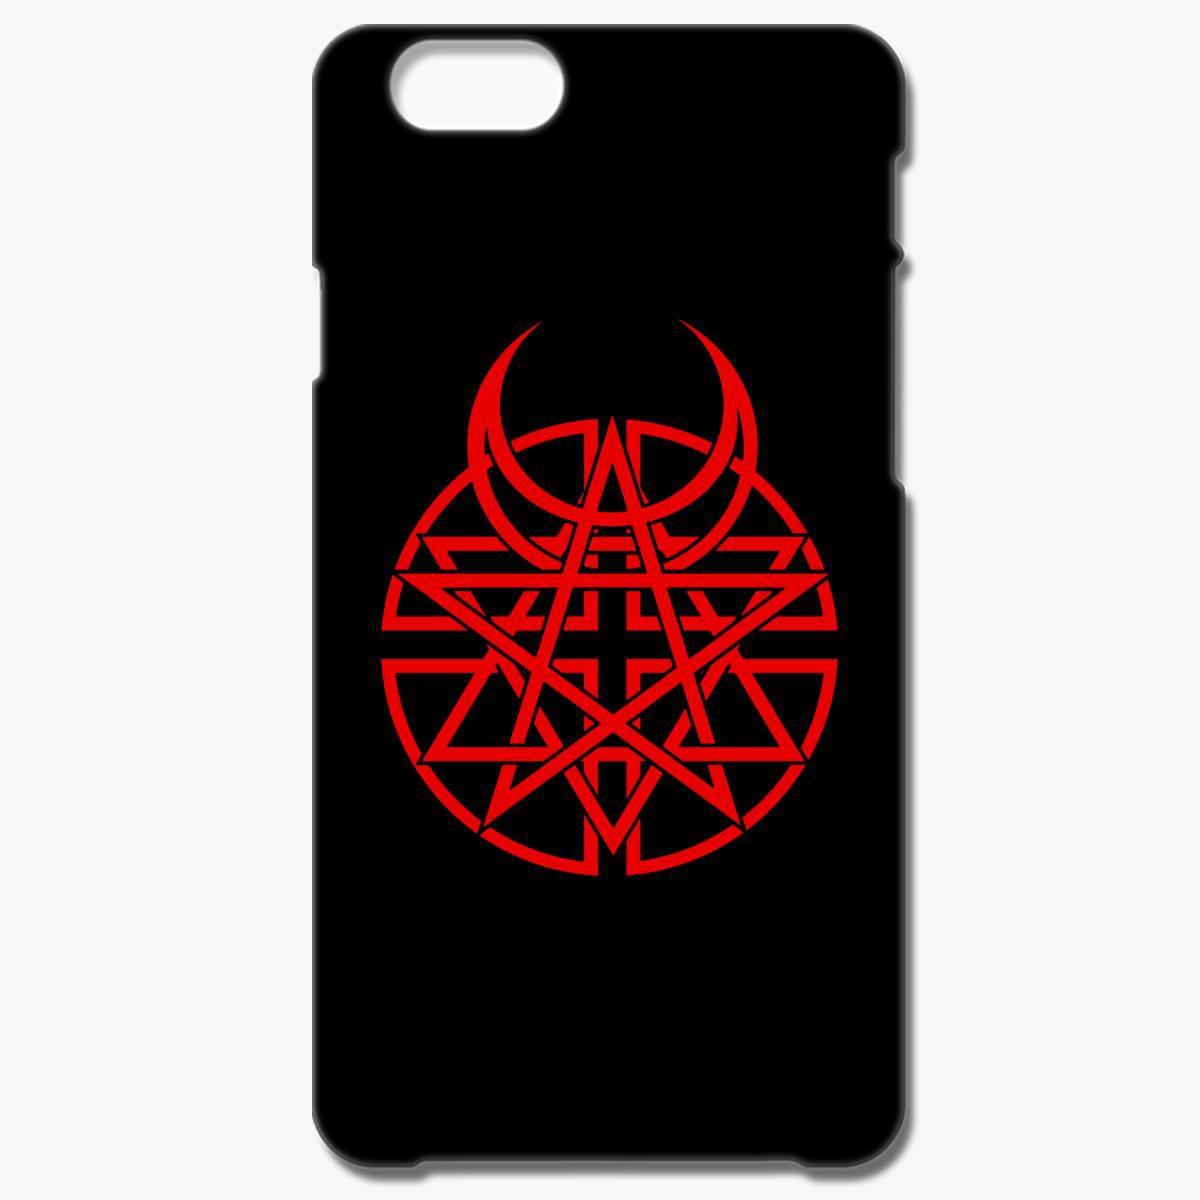 Disturbed band logo iphone 6 6s plus case